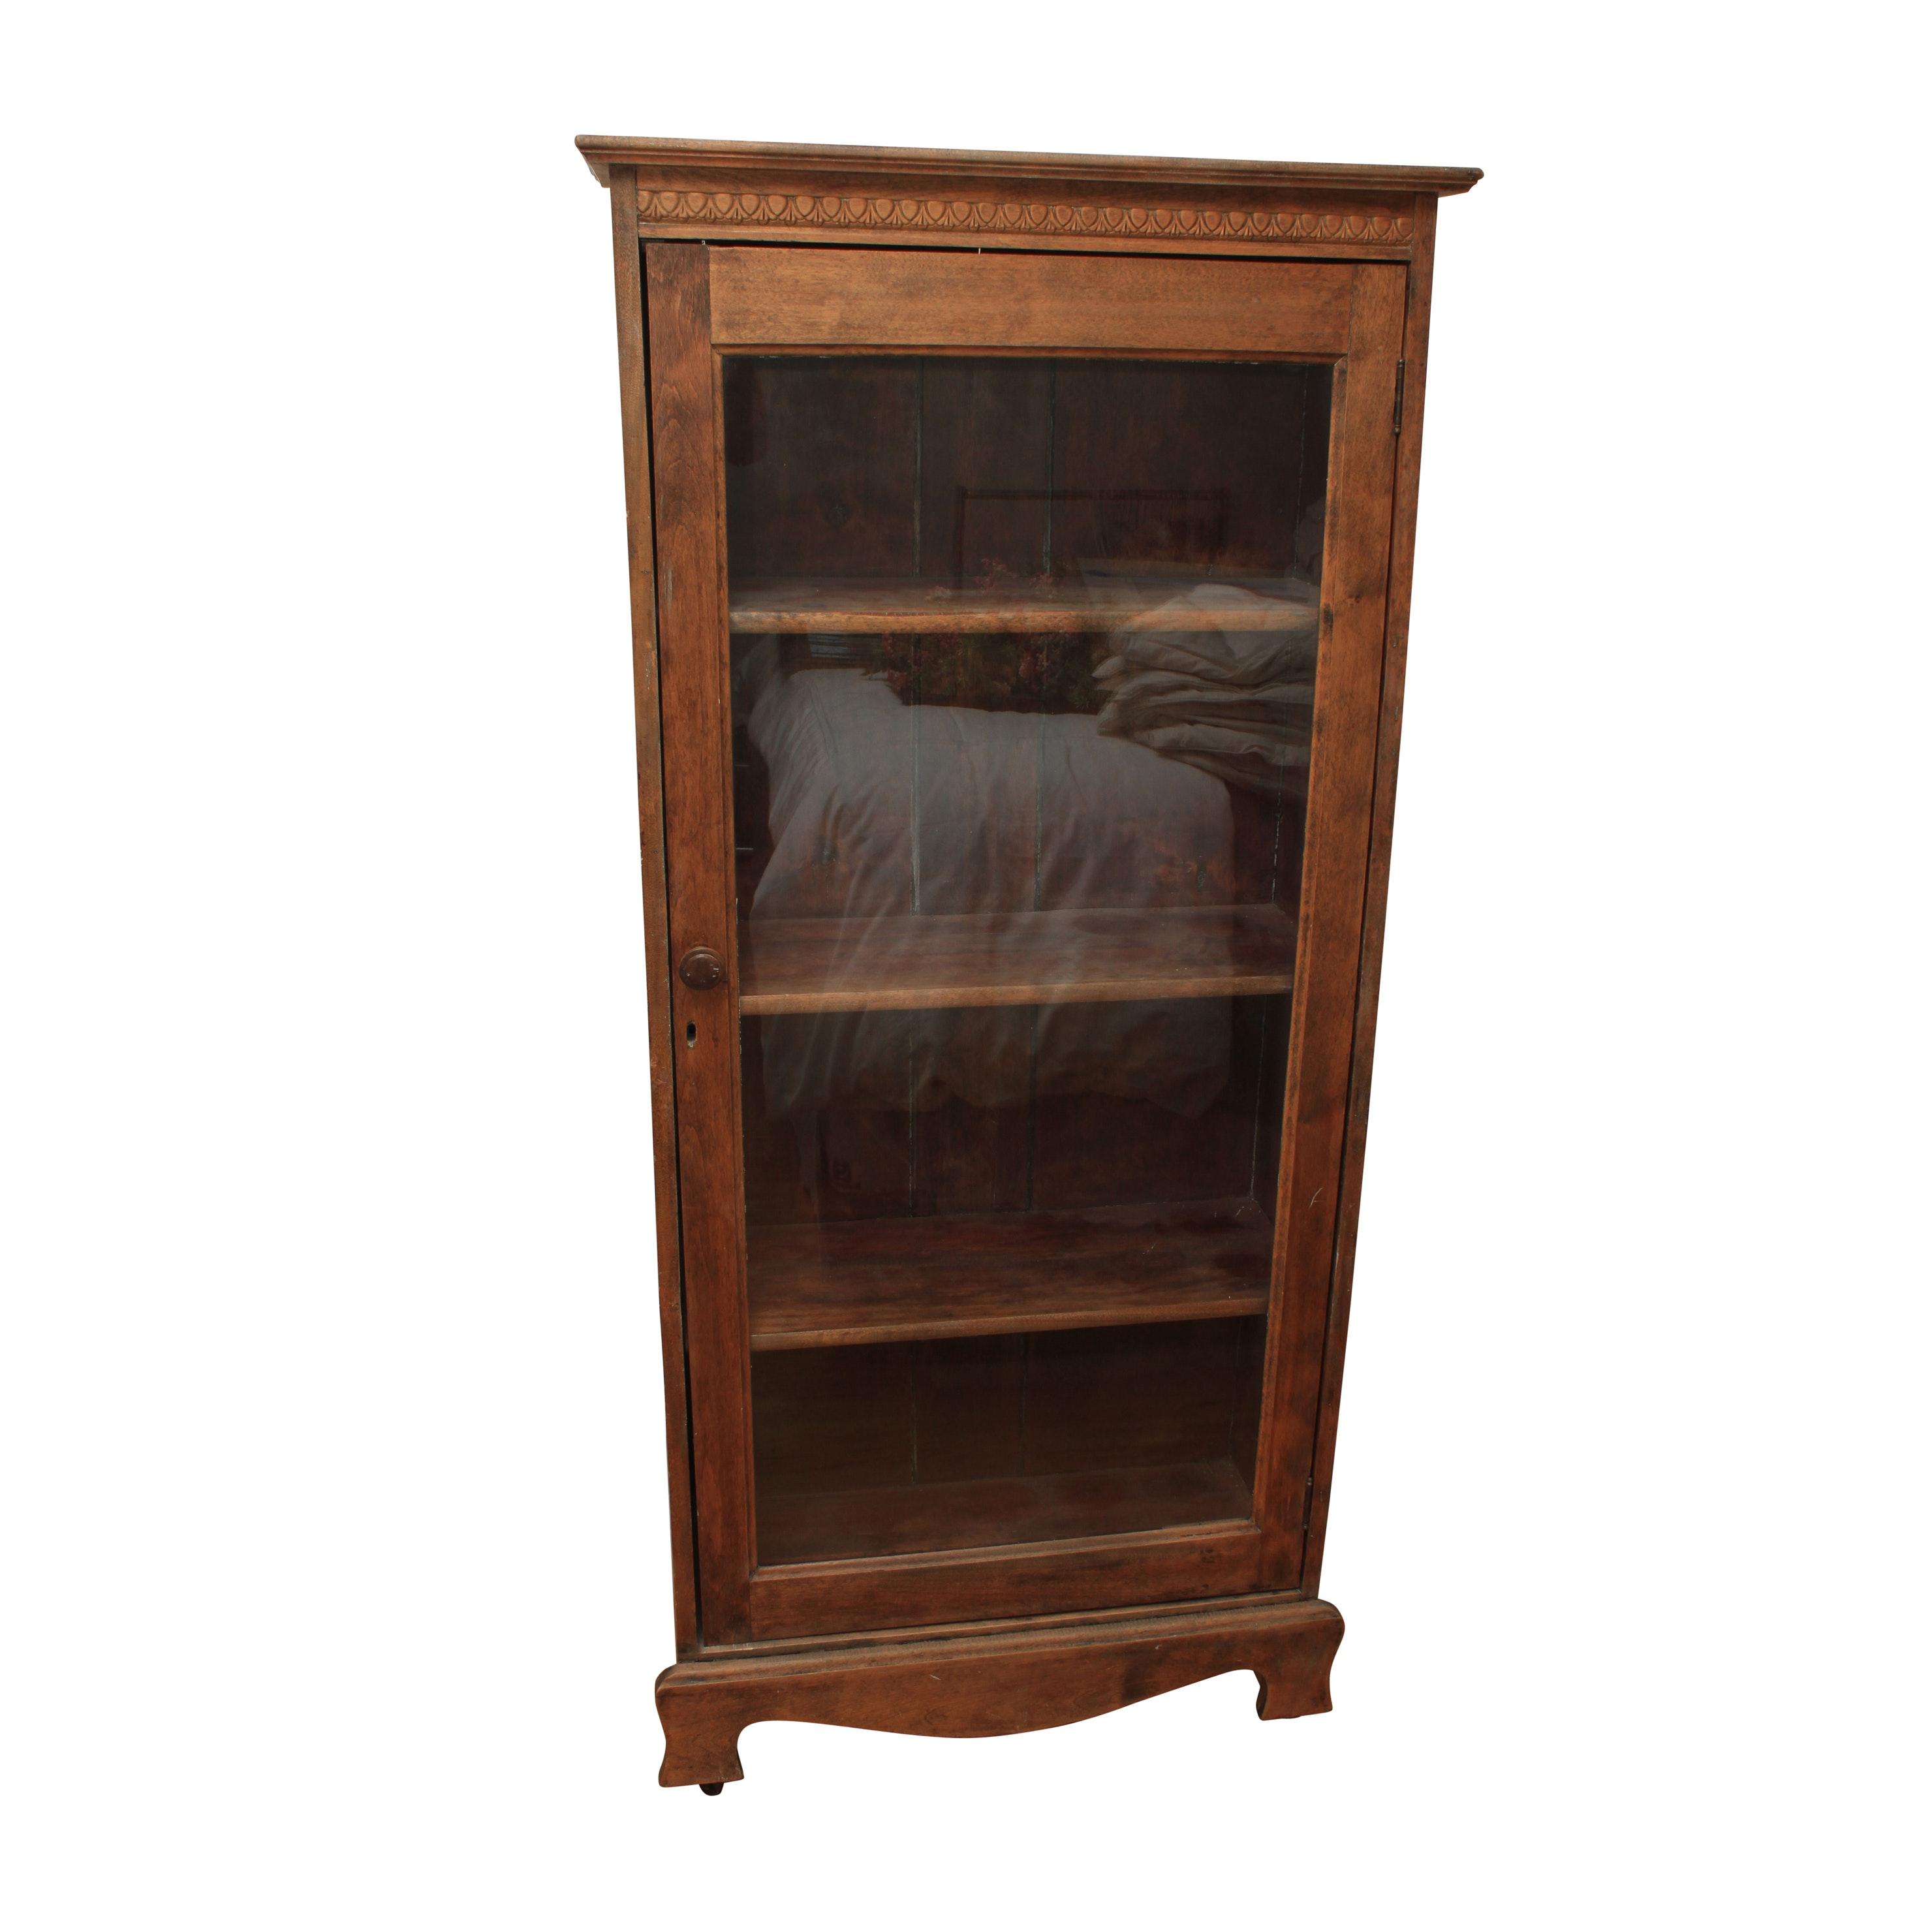 Vintage Walnut Finished Gum Wood Cabinet